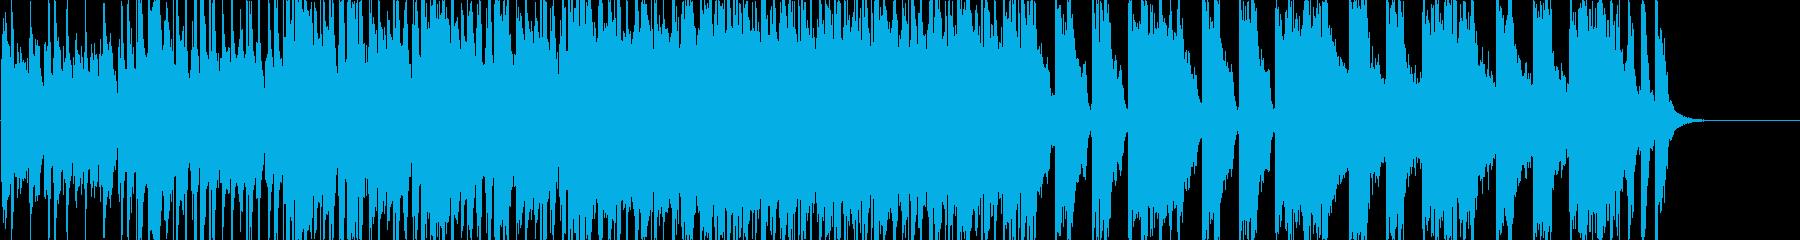 ラジオ、CM、ノリ良い軽快なピアノポップの再生済みの波形